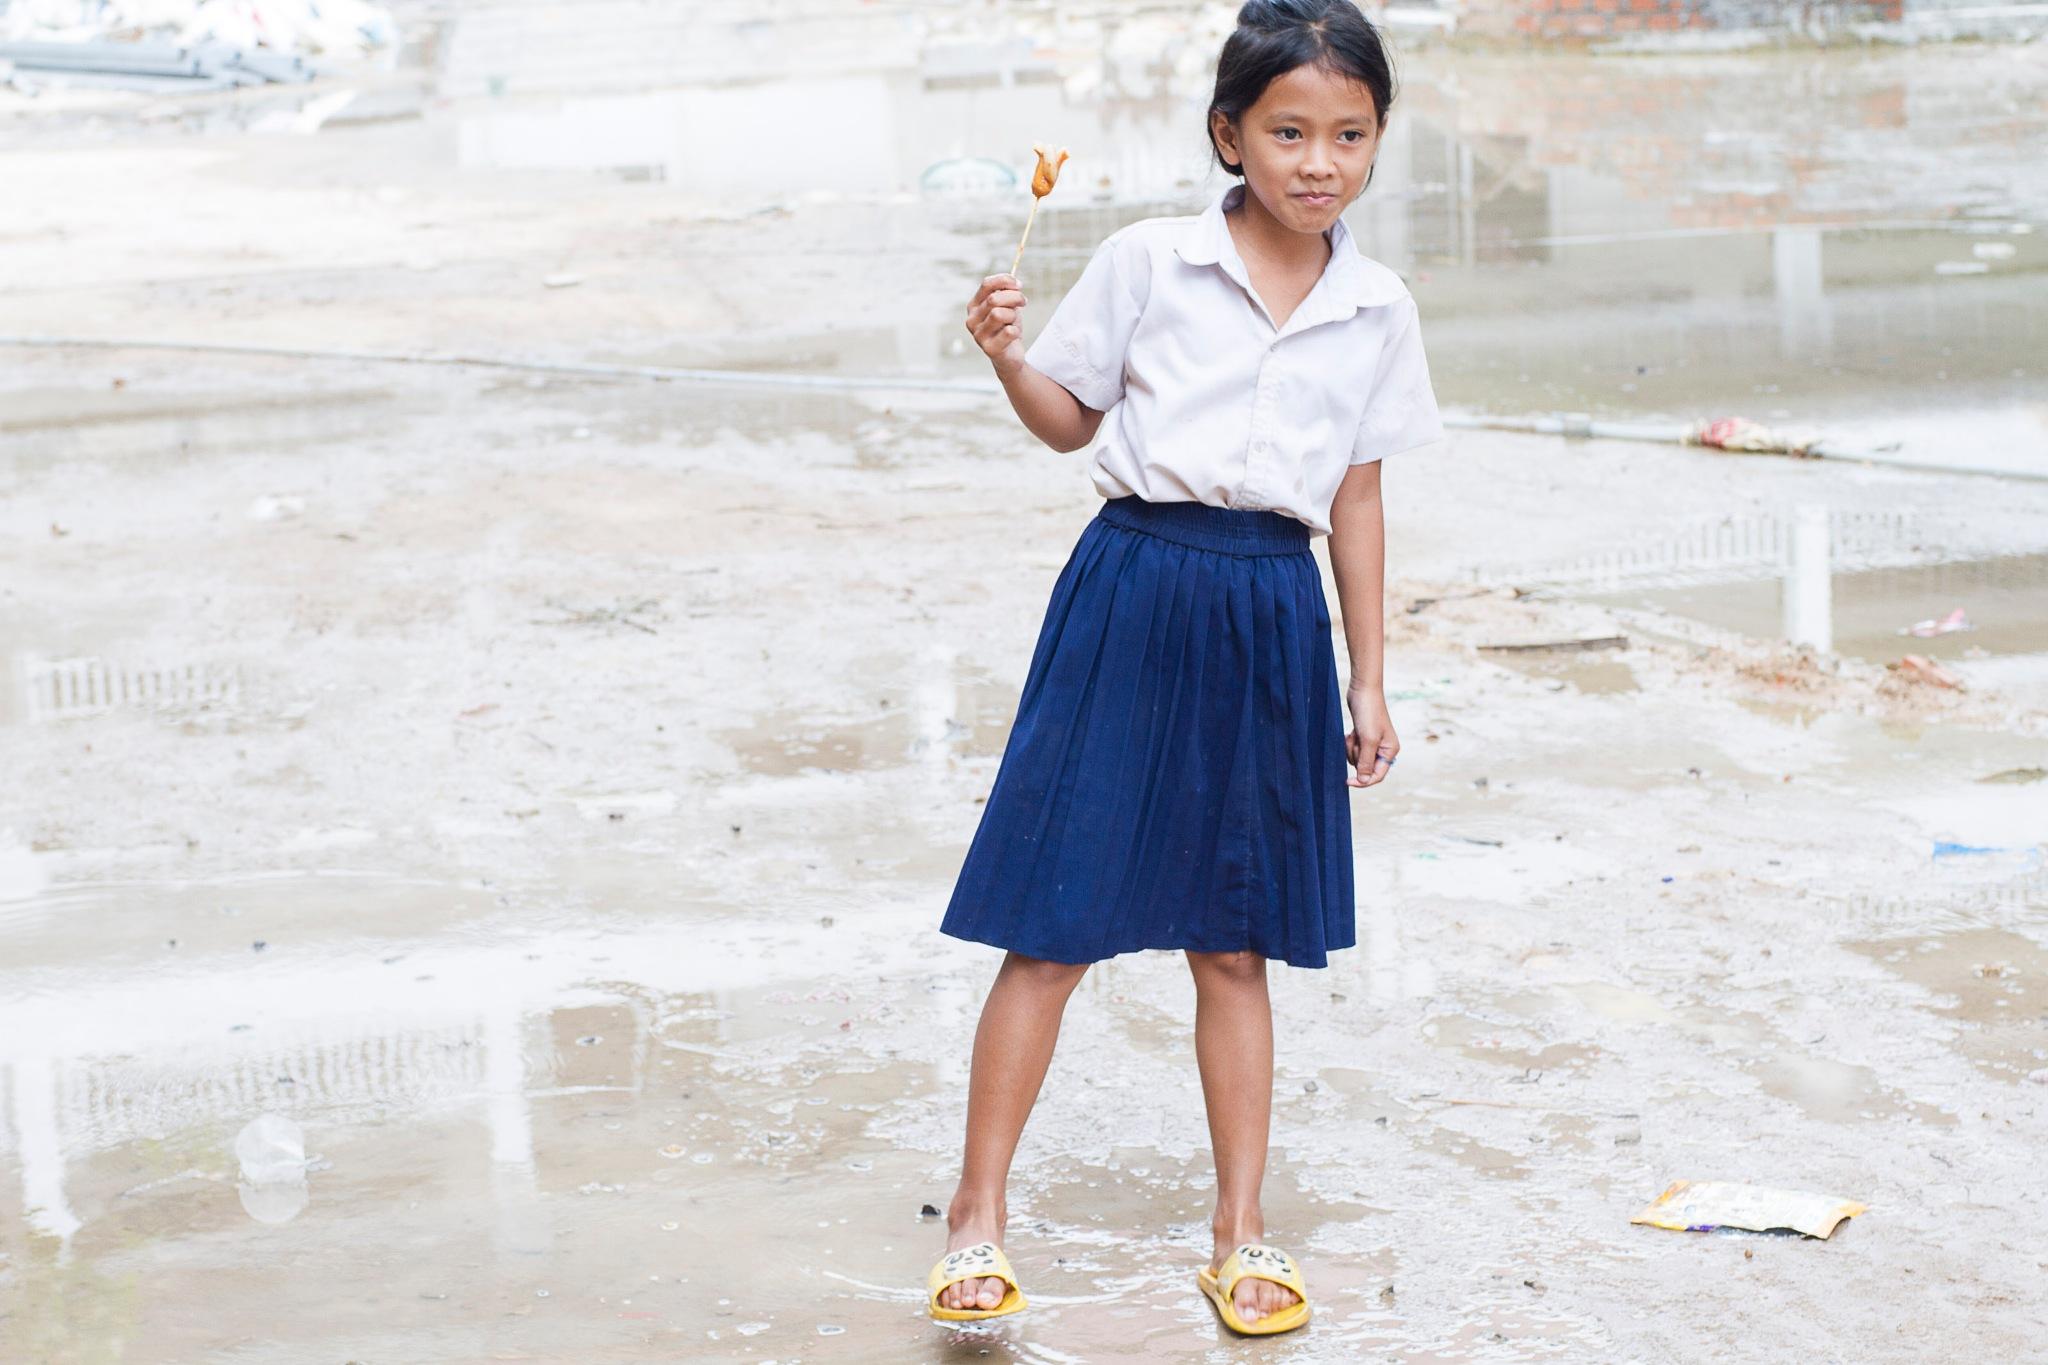 カンボジアの肖像20180808B by wwfax photography